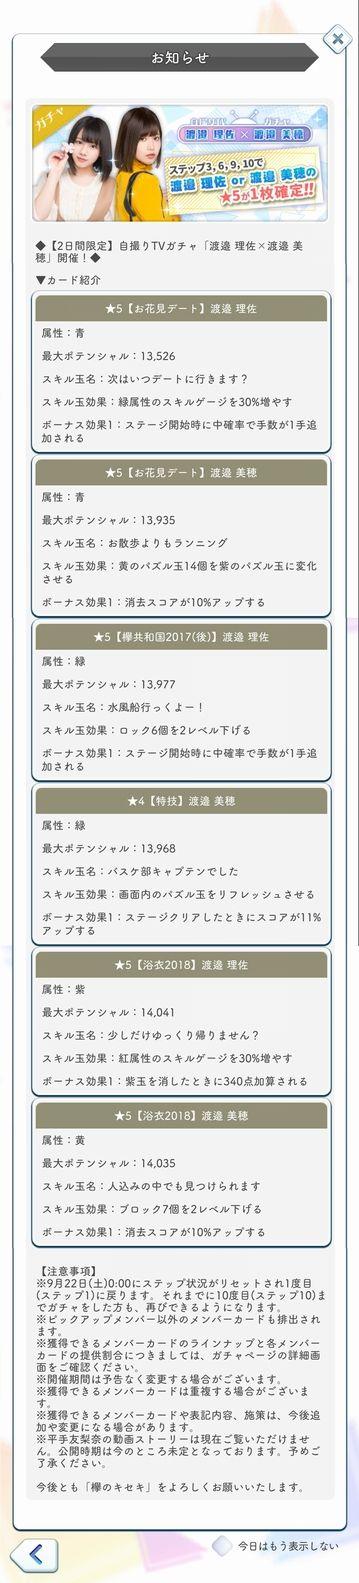 00 自撮りTVガチャ(3) 詳細